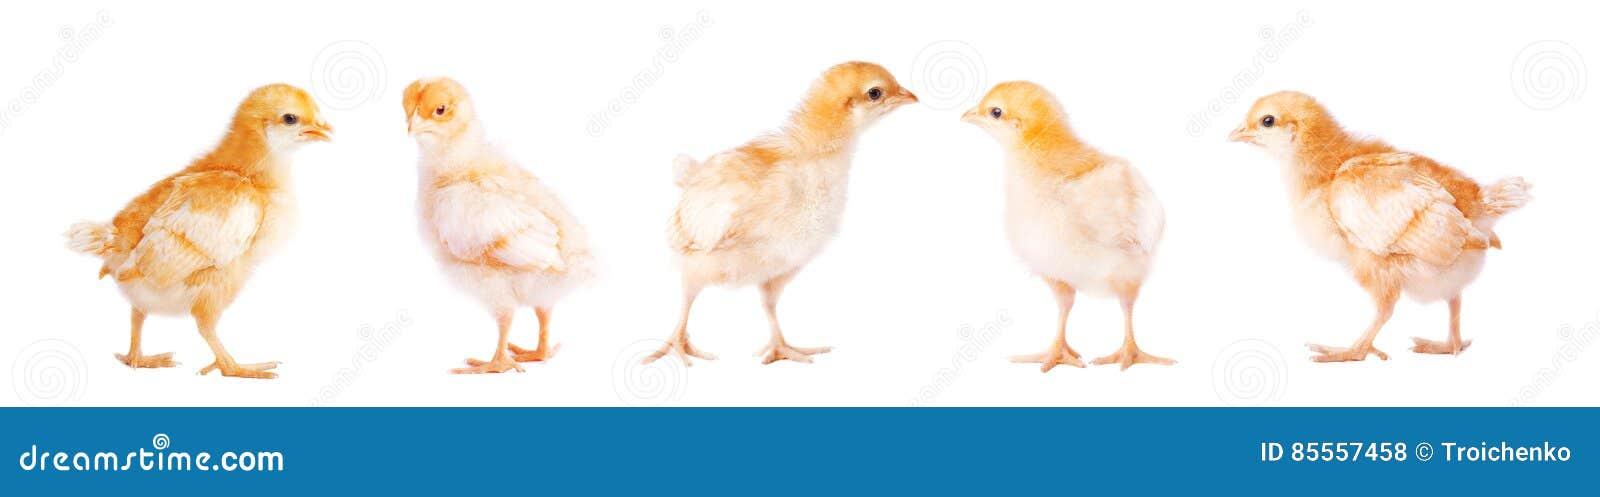 Nettes kleines Huhn auf weißem Hintergrund